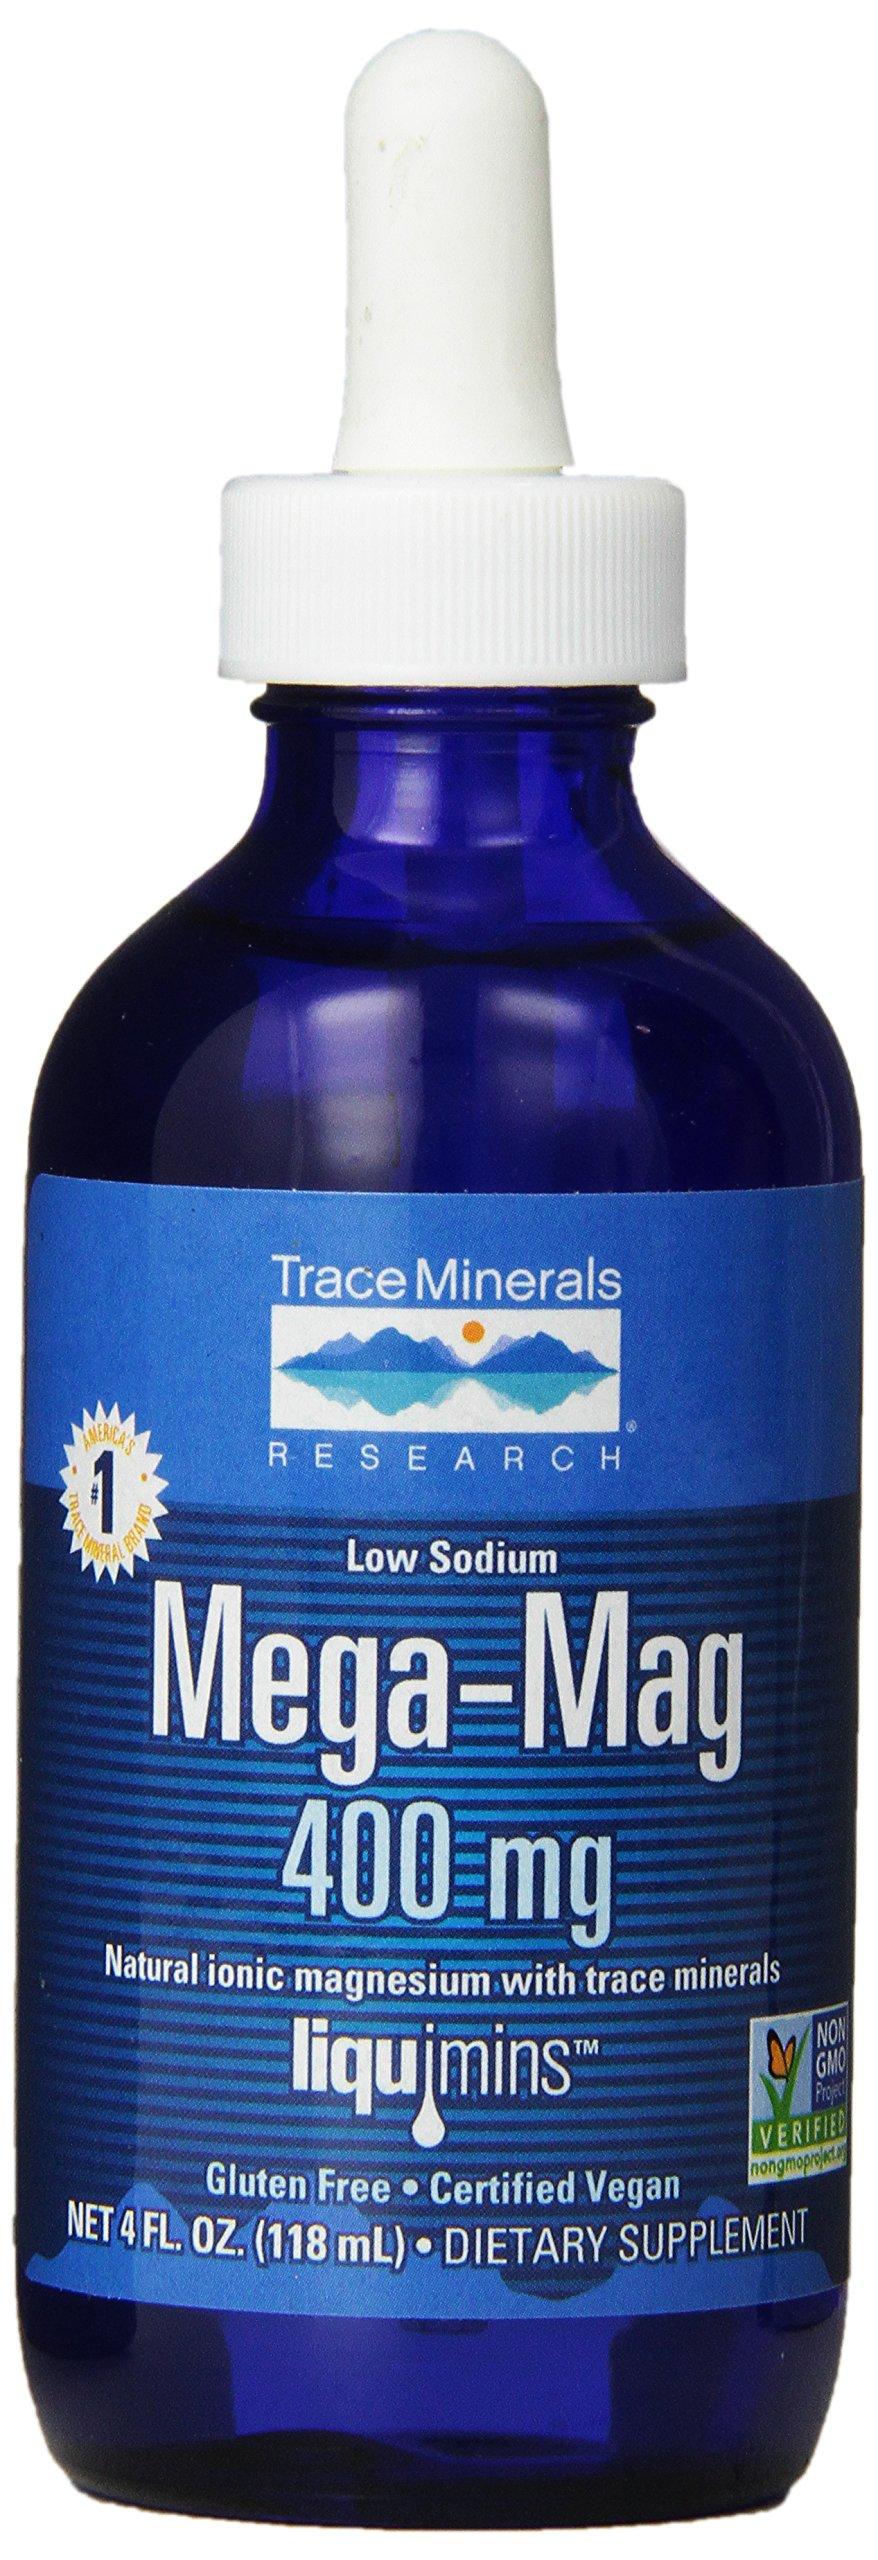 Trace Minerals Liquid Mega-Mag, 400 mg, 4 Ounce